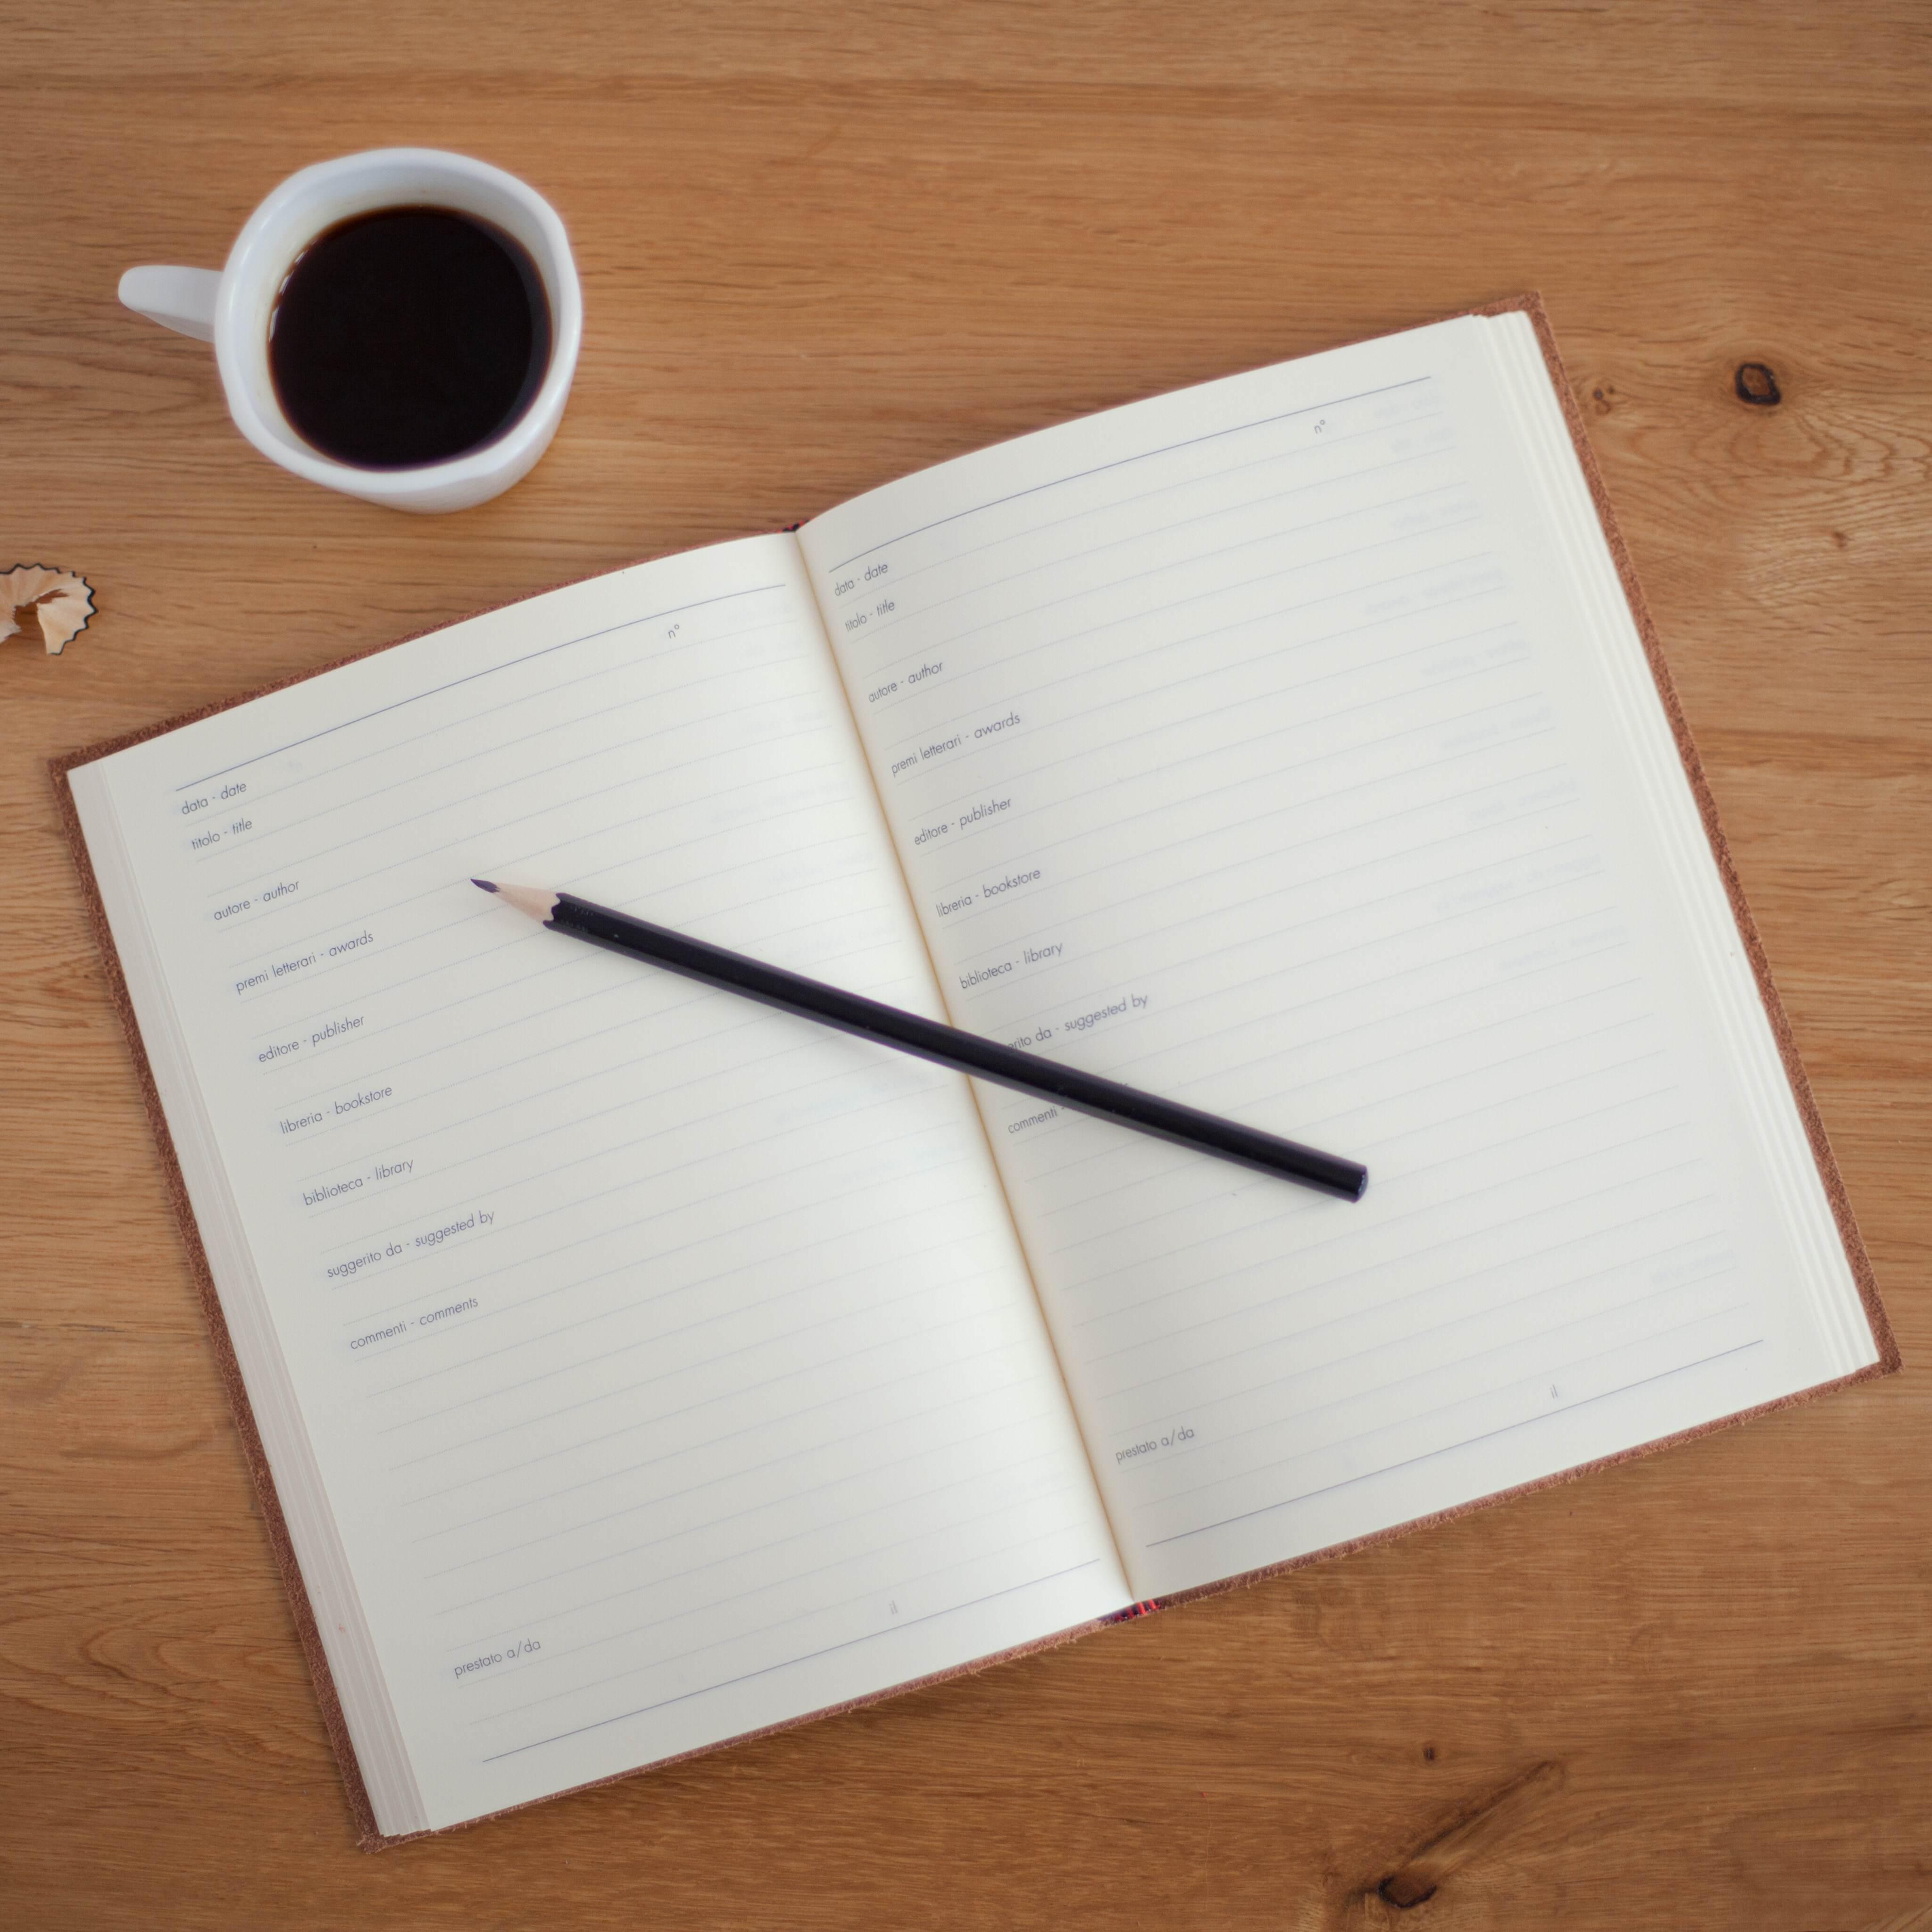 Produktywność, czy bycie pracowitym wystarczy? Rozwojowy Podcast 002